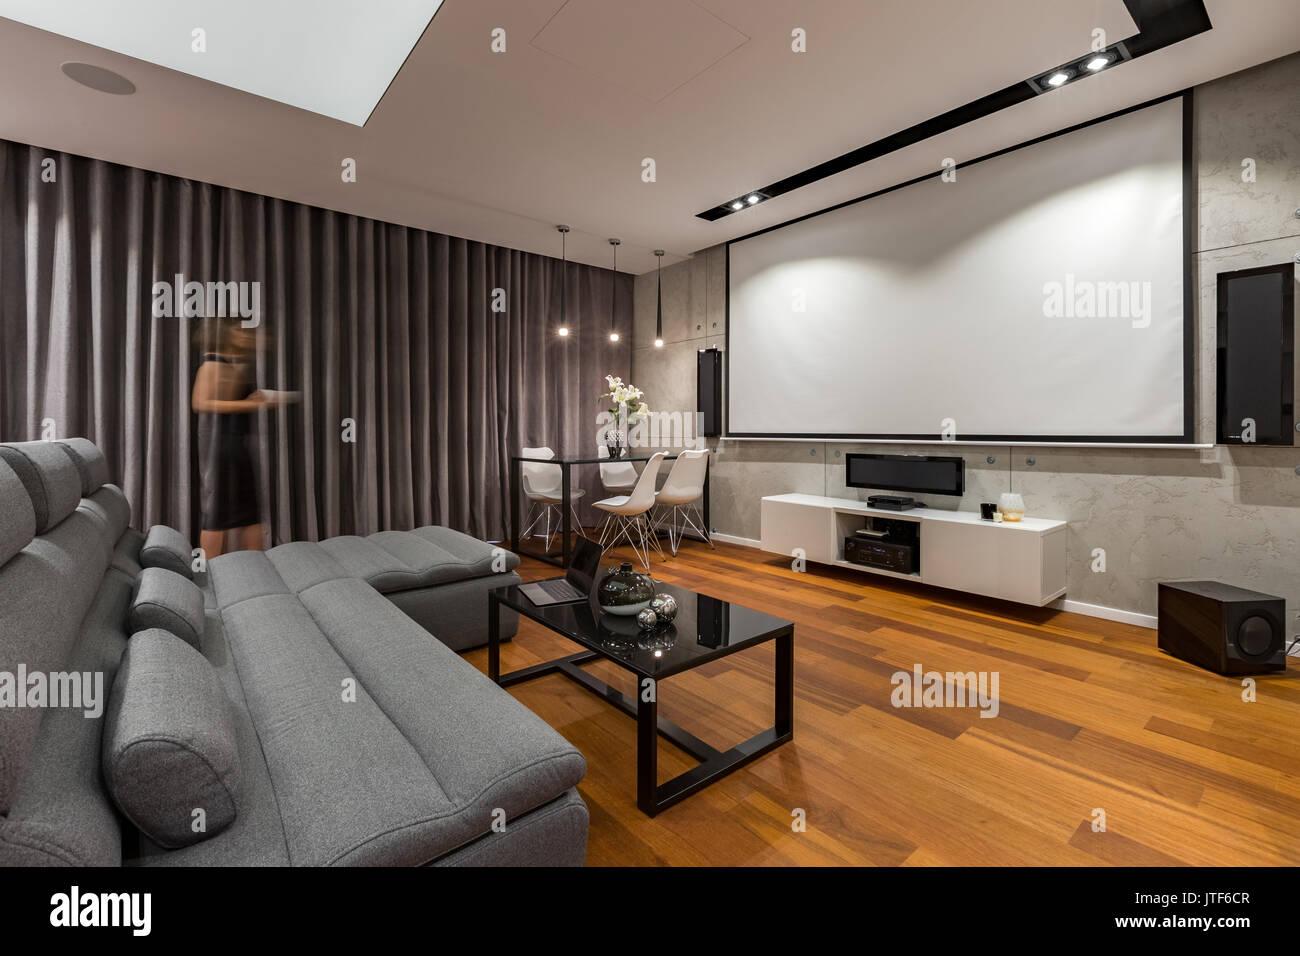 Wohnzimmer Mit Leinwand, Grau Couch Und Couchtisch Schwarz